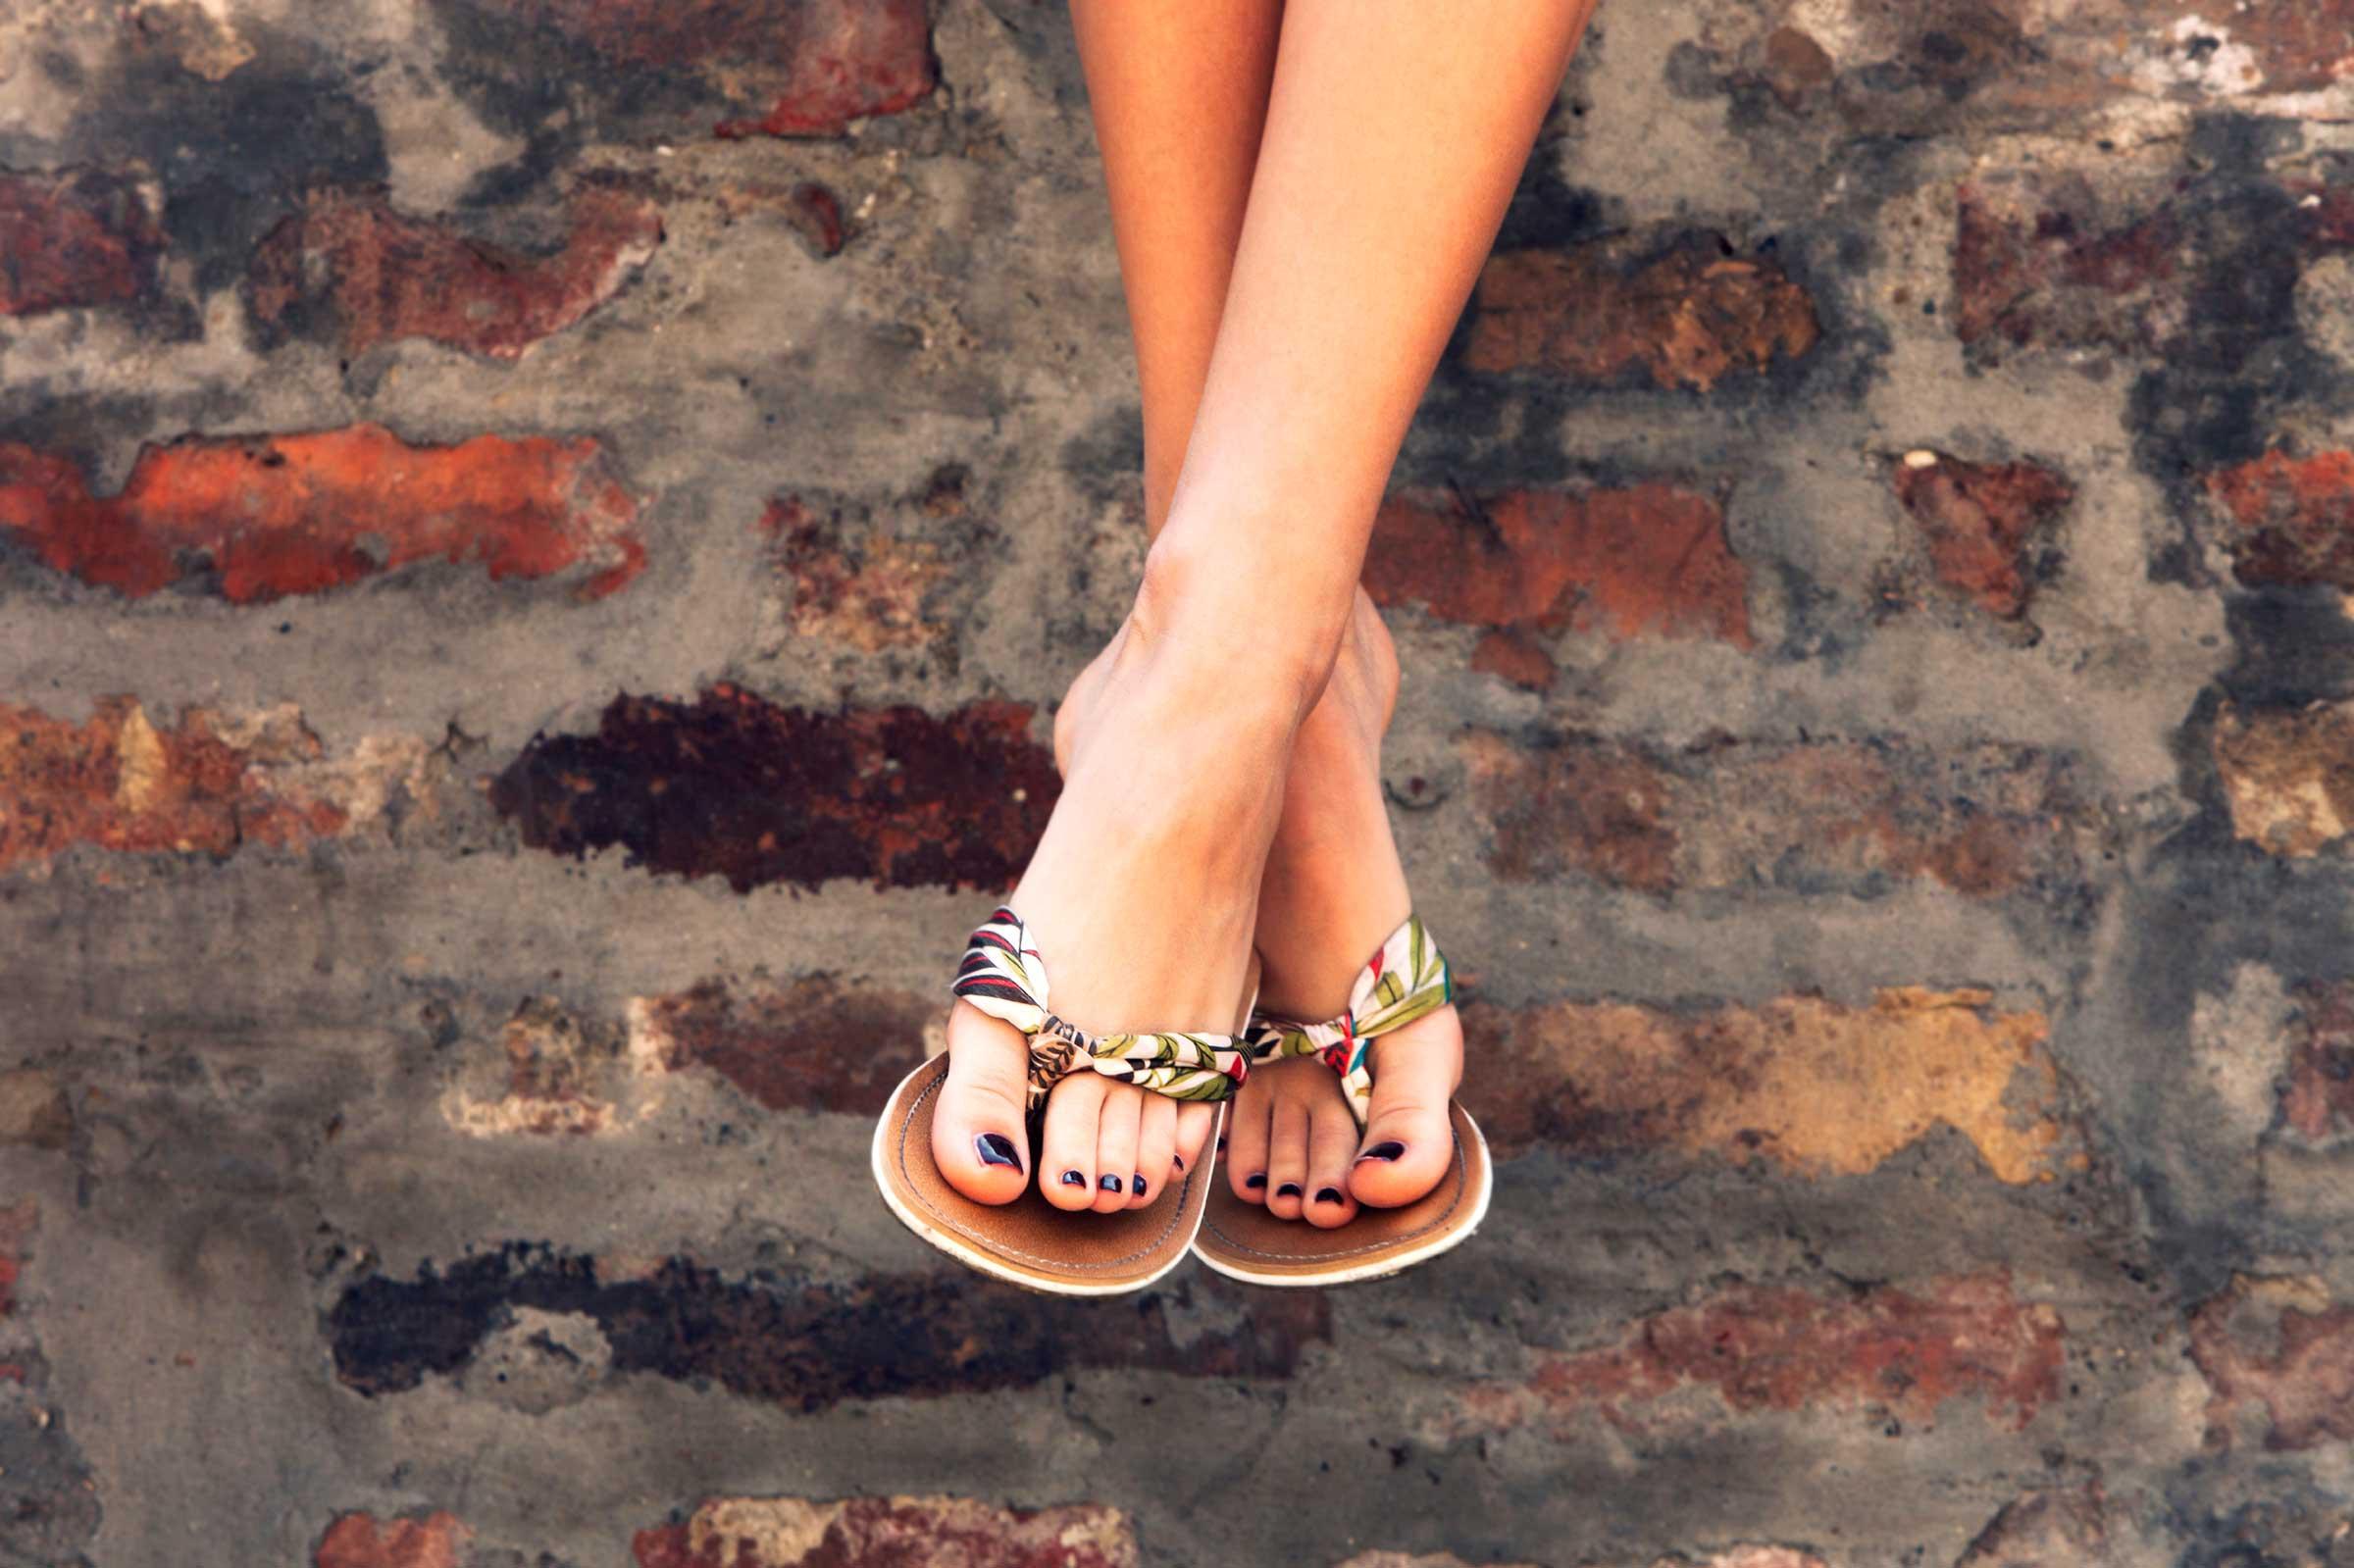 كيفية العناية بالقدم- الحرص عند ارتاء الأحذية المفتوحة